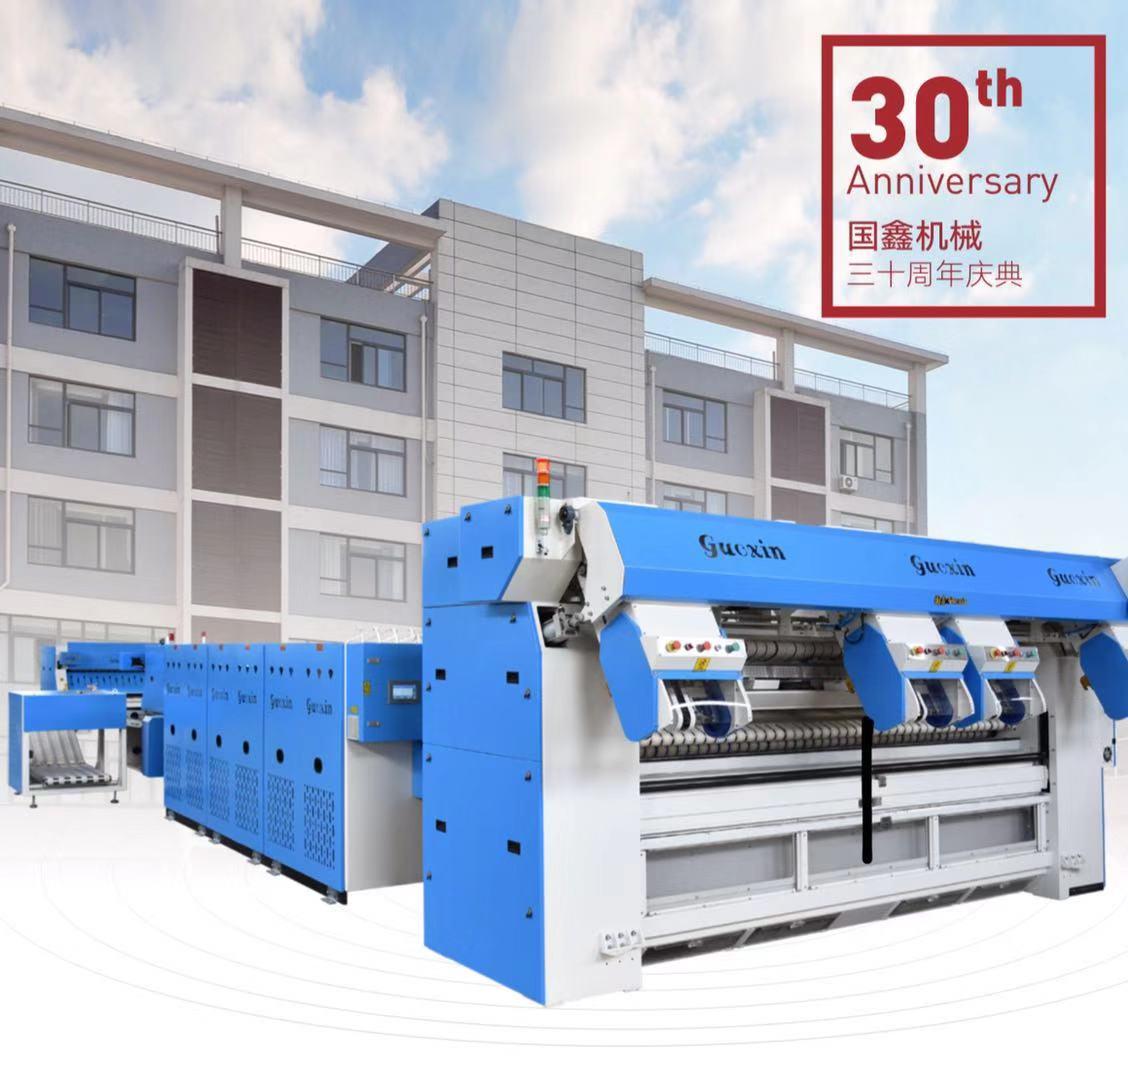 专业洗涤设备厂家 水洗厂高速烫平机折叠机 四工位展布机 送布机